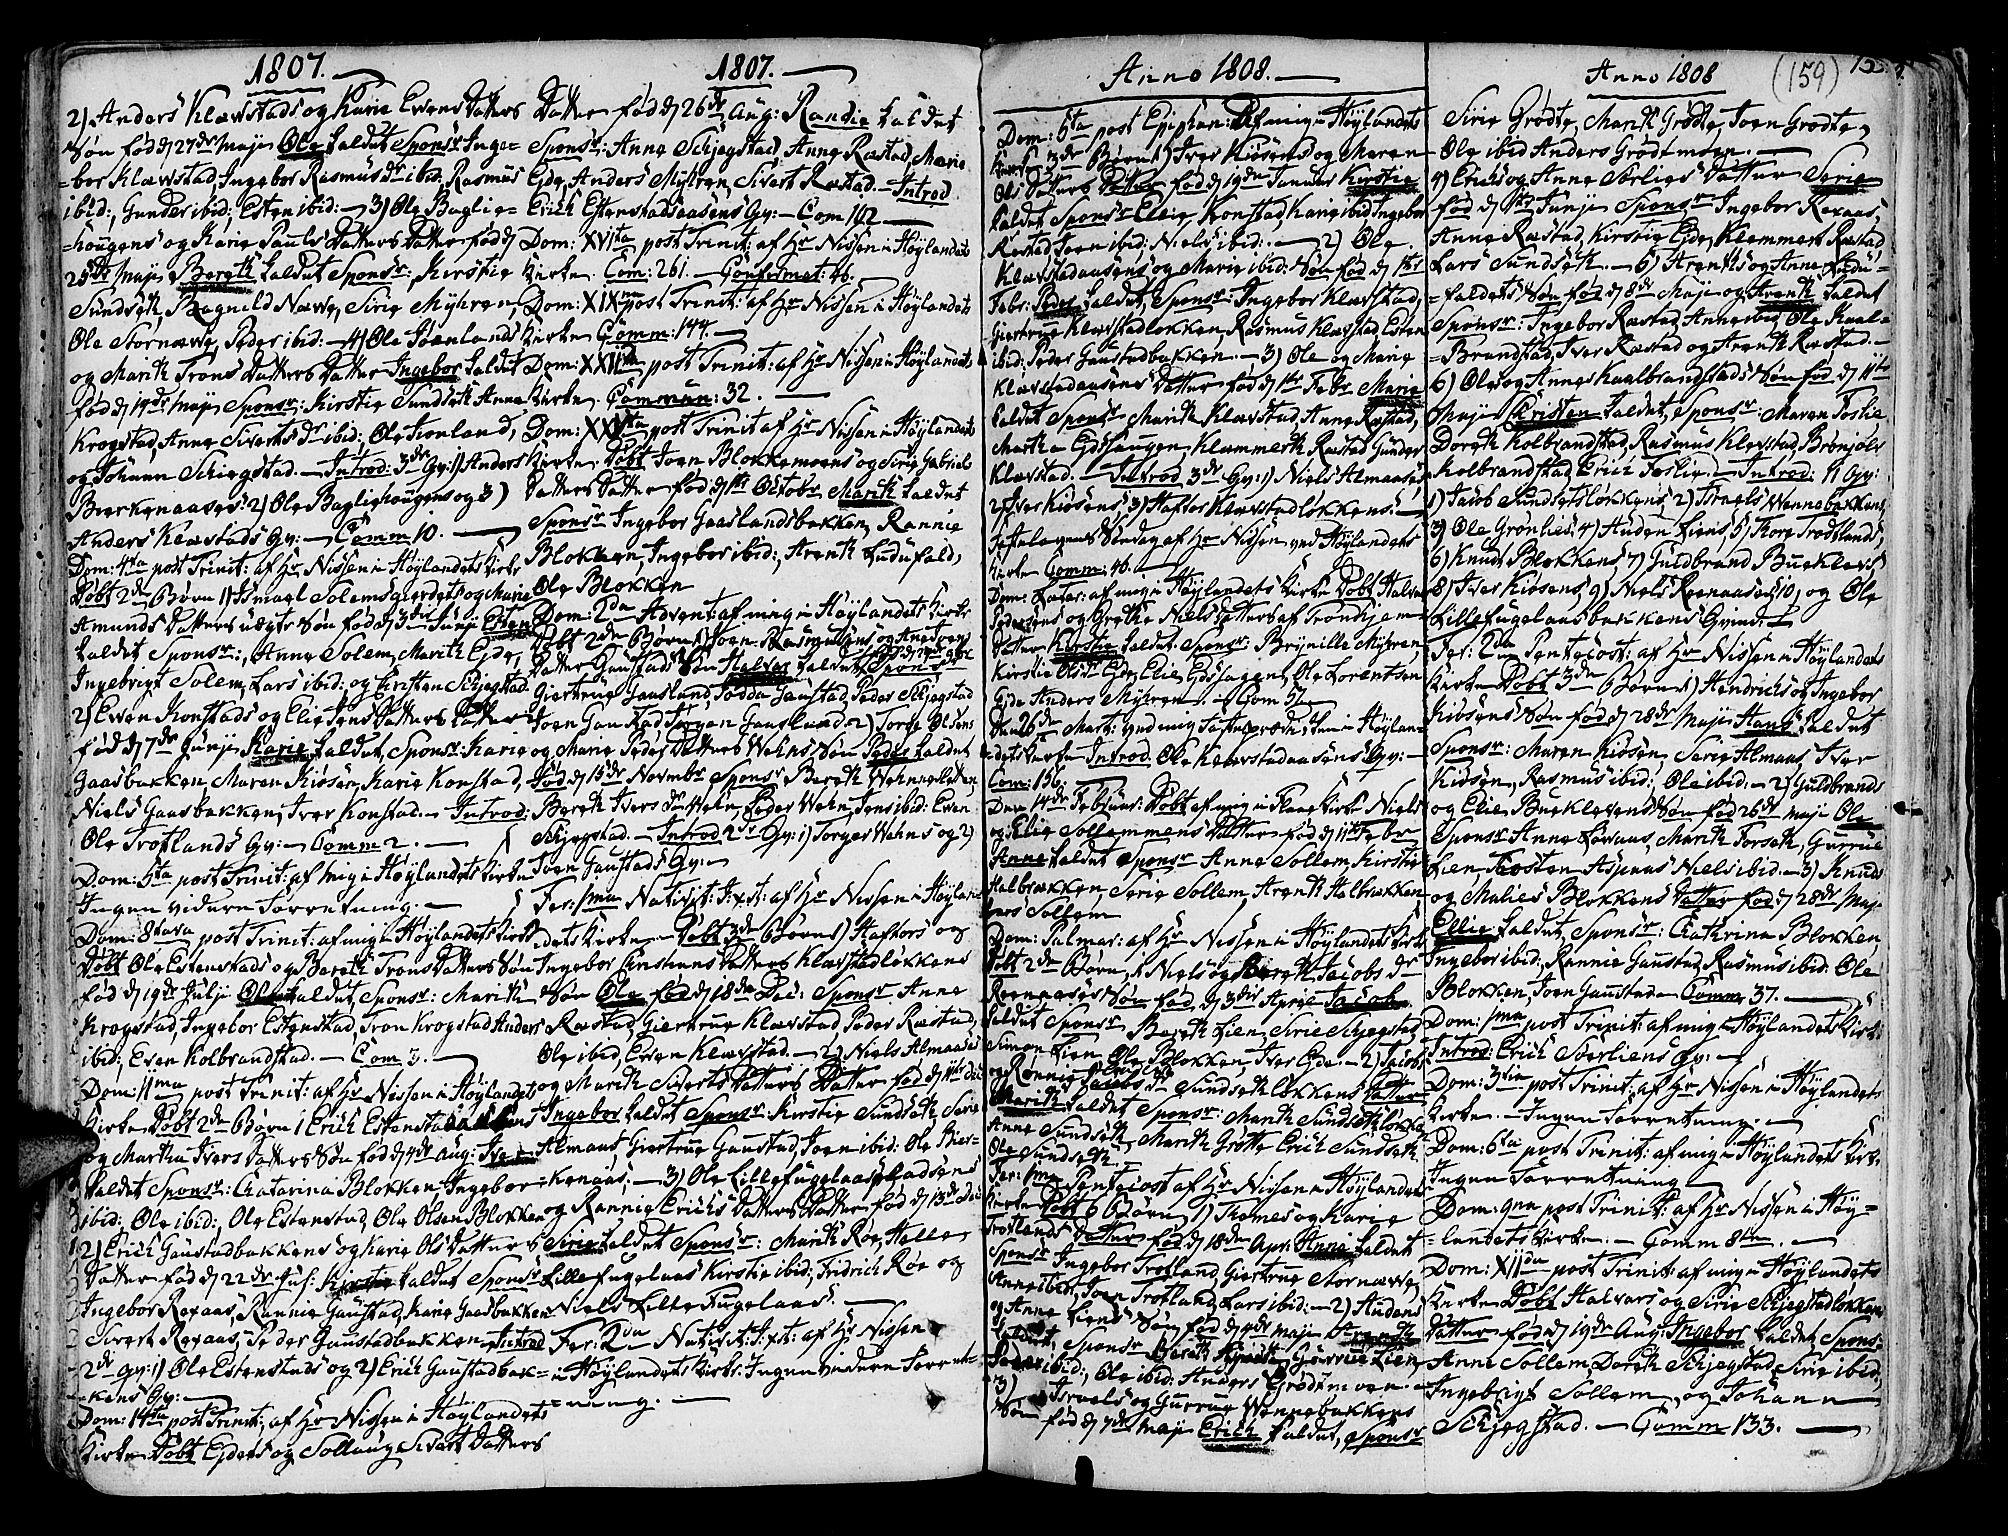 SAT, Ministerialprotokoller, klokkerbøker og fødselsregistre - Sør-Trøndelag, 691/L1064: Ministerialbok nr. 691A02 /4, 1768-1815, s. 159